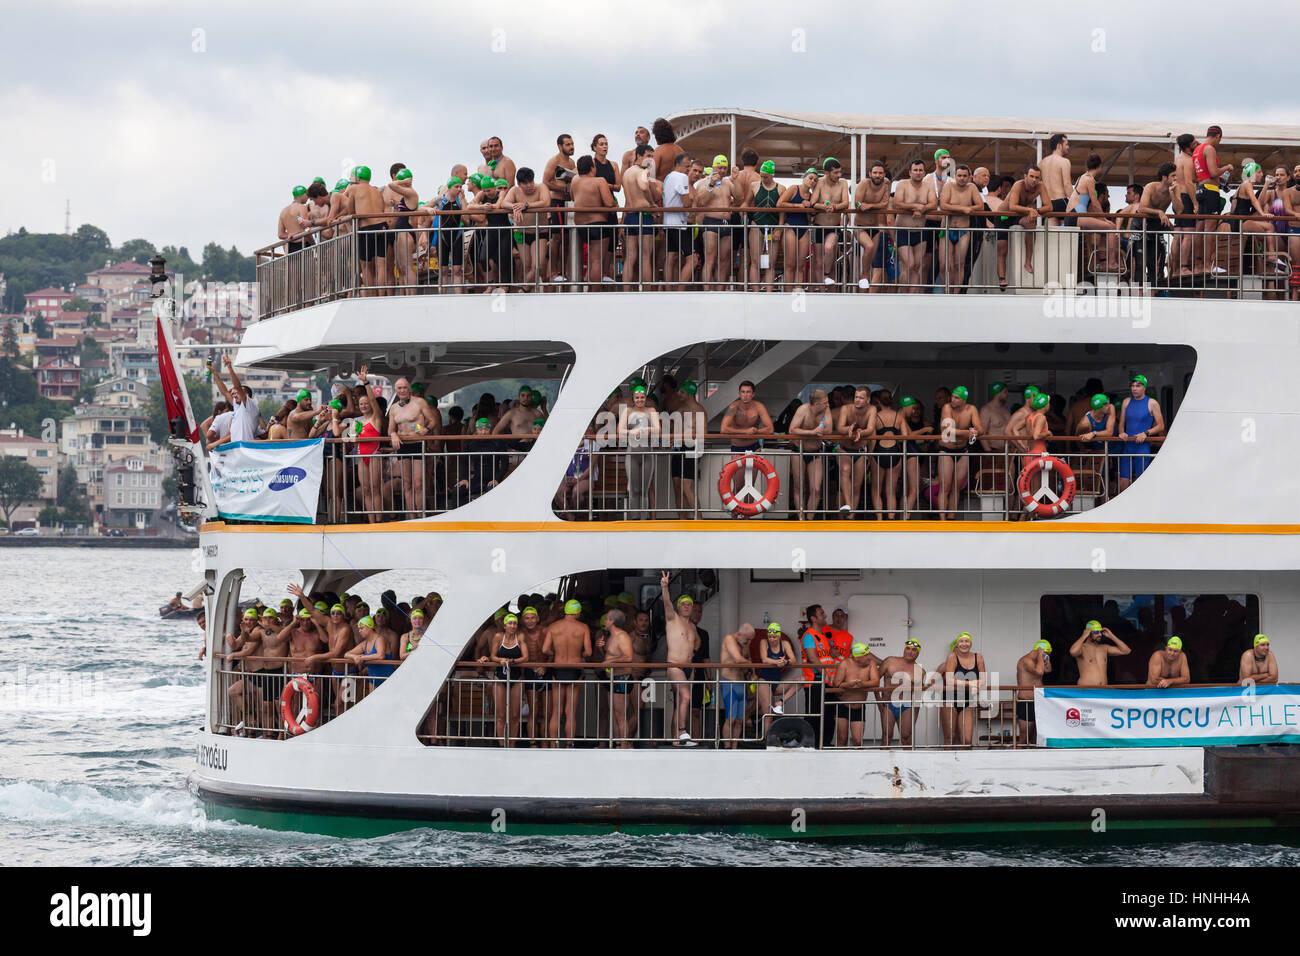 Istanbul, 20 luglio 2014 - La tradizionale 26 Samsung Bosforo Cross continentale gara di nuoto, con 1729 sportivo Immagini Stock